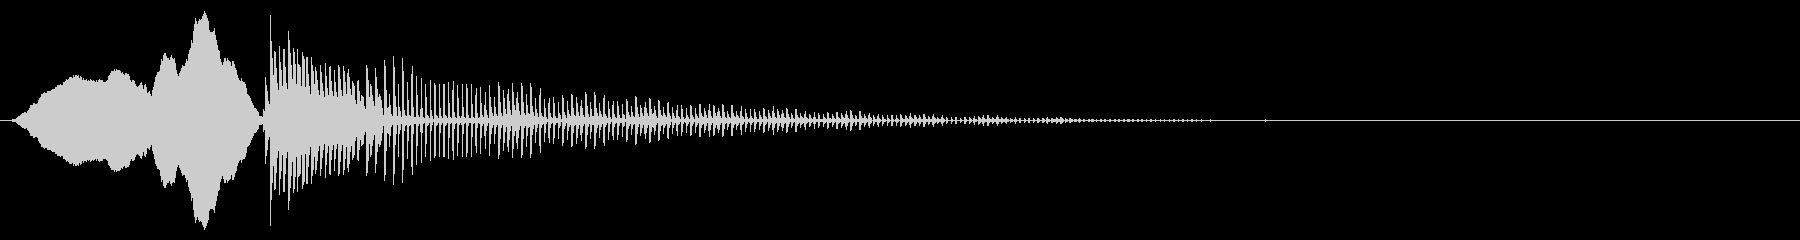 コミカルなスライドとボーイングの未再生の波形